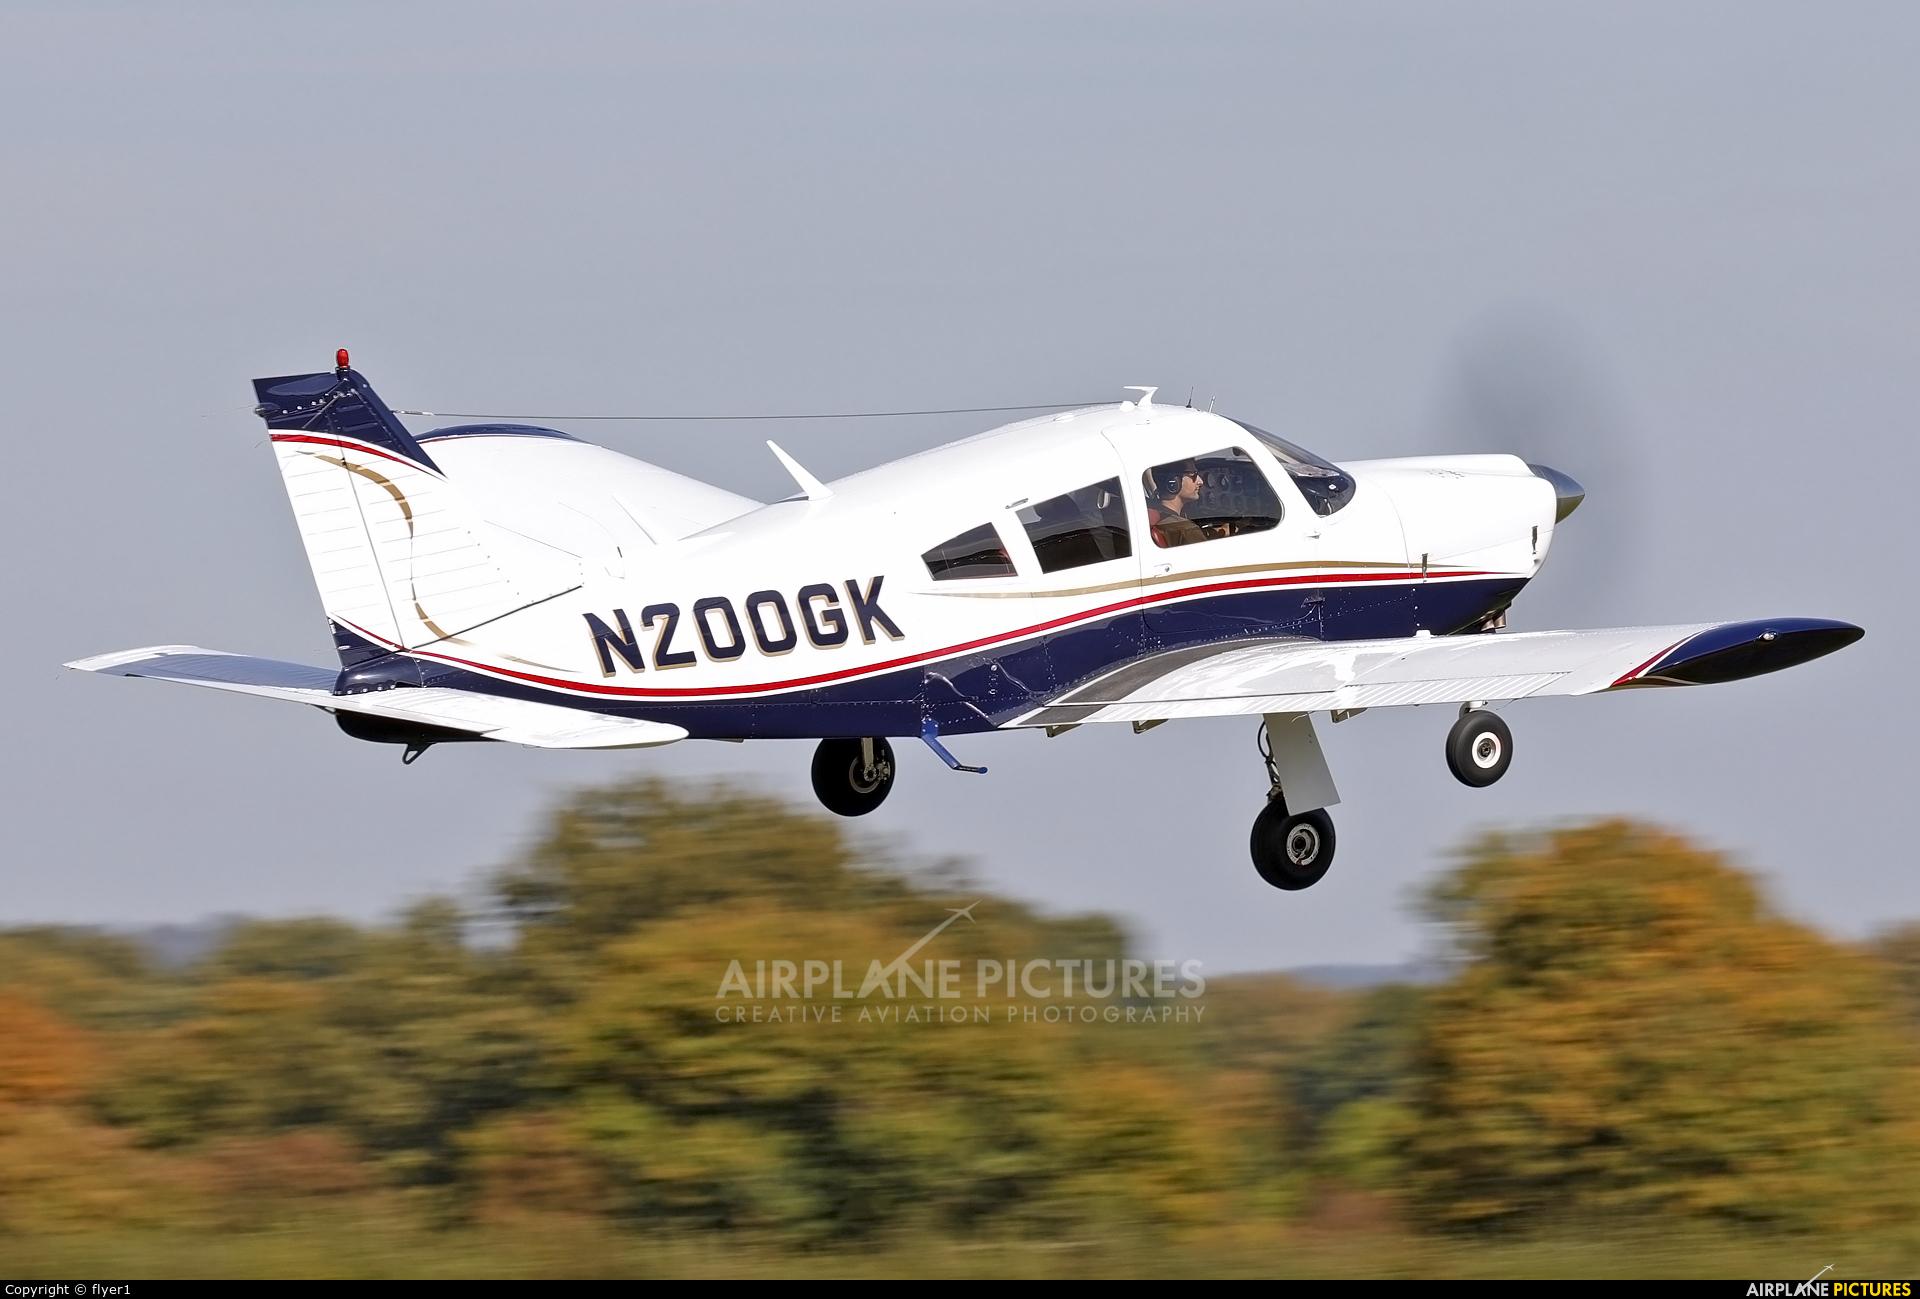 Southern Aircraft Consultancy N200GK aircraft at Lashenden / Headcorn